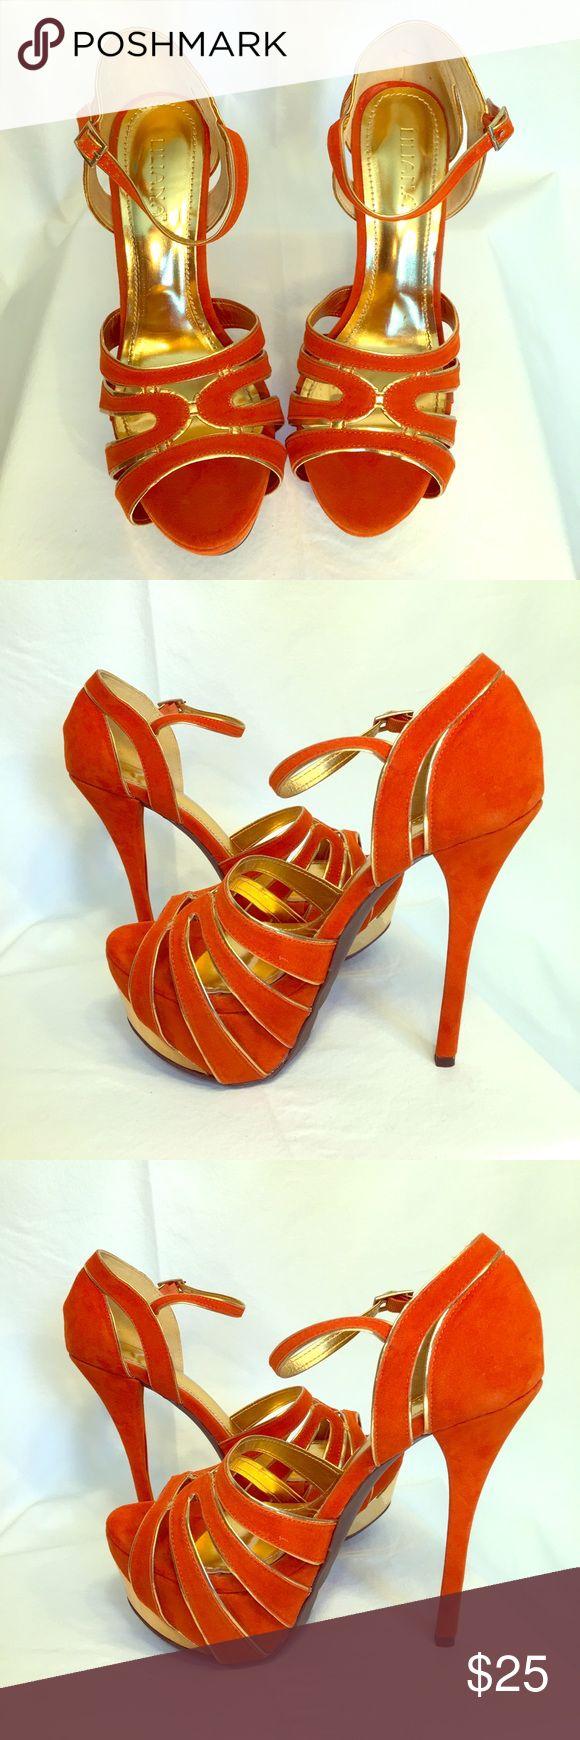 Orange and gold Liliana 6in platform stilettos Orange and gold Liliana 6in platform stilettos Liliana Shoes Heels